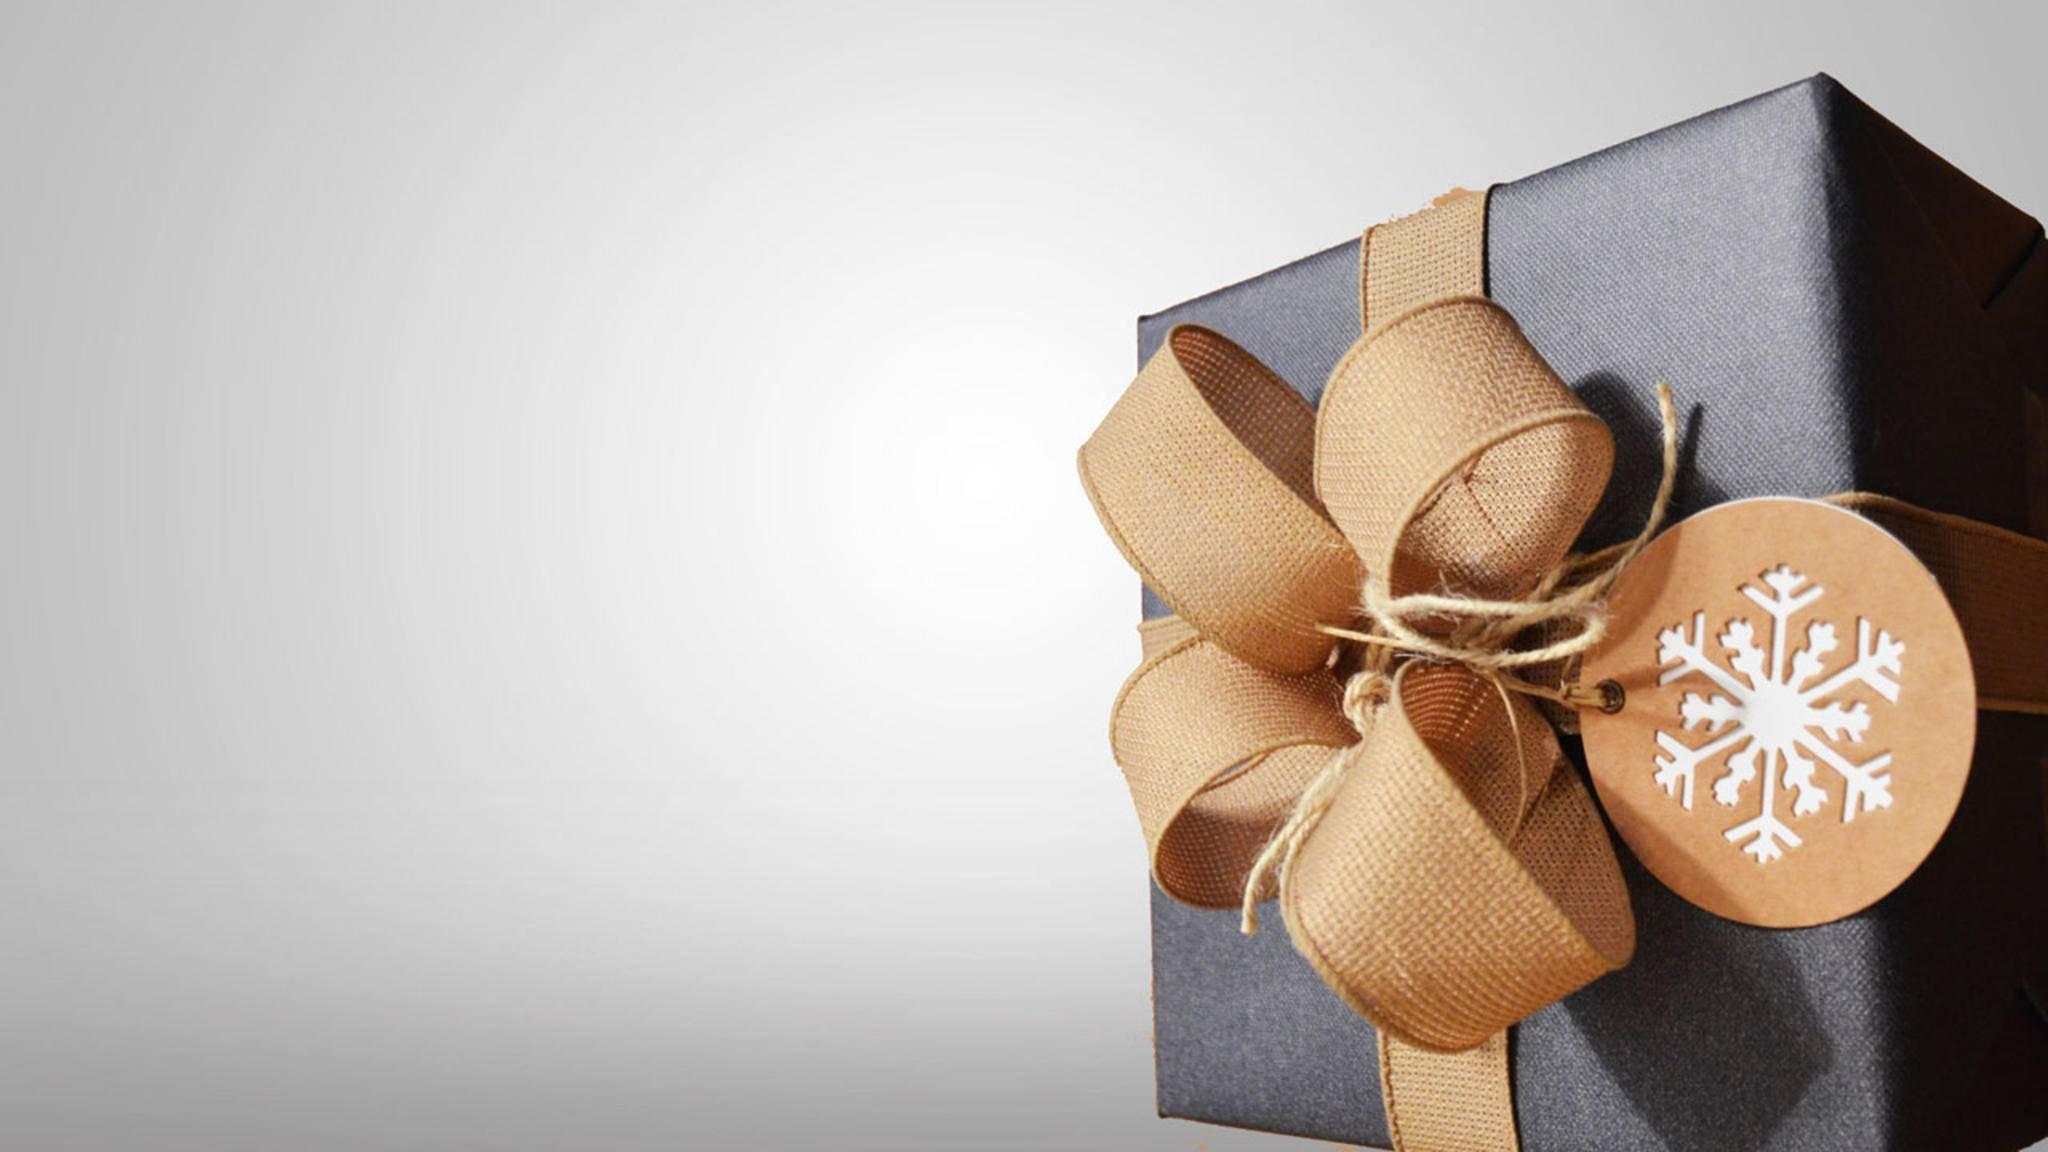 Auch für Menschen, die alles haben, gibt es Geschenkideen en masse. Allerdings lassen sich nicht alle hübsch verpacken...